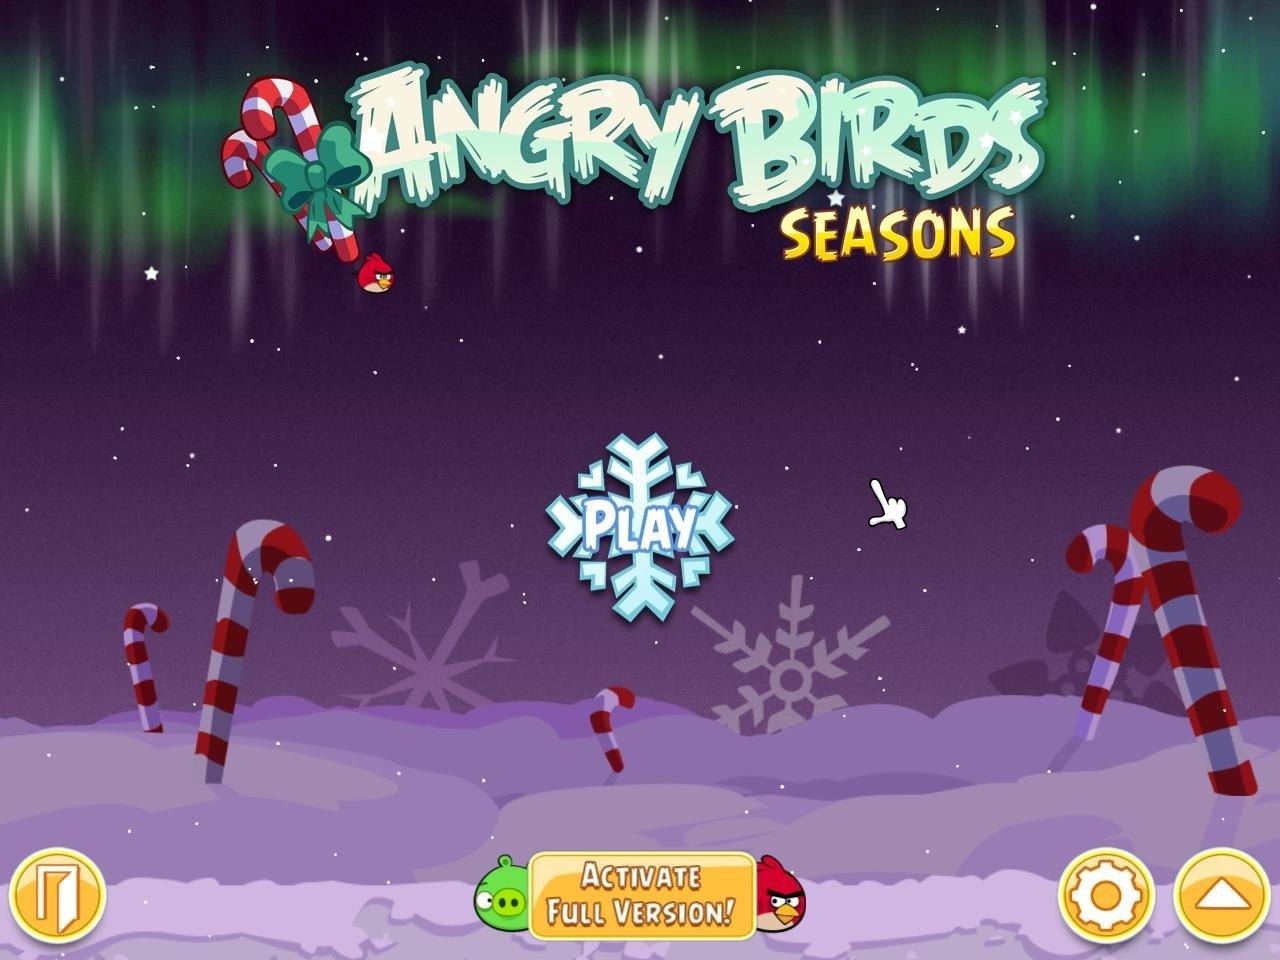 angry birds seasons v4.1.0 activation key